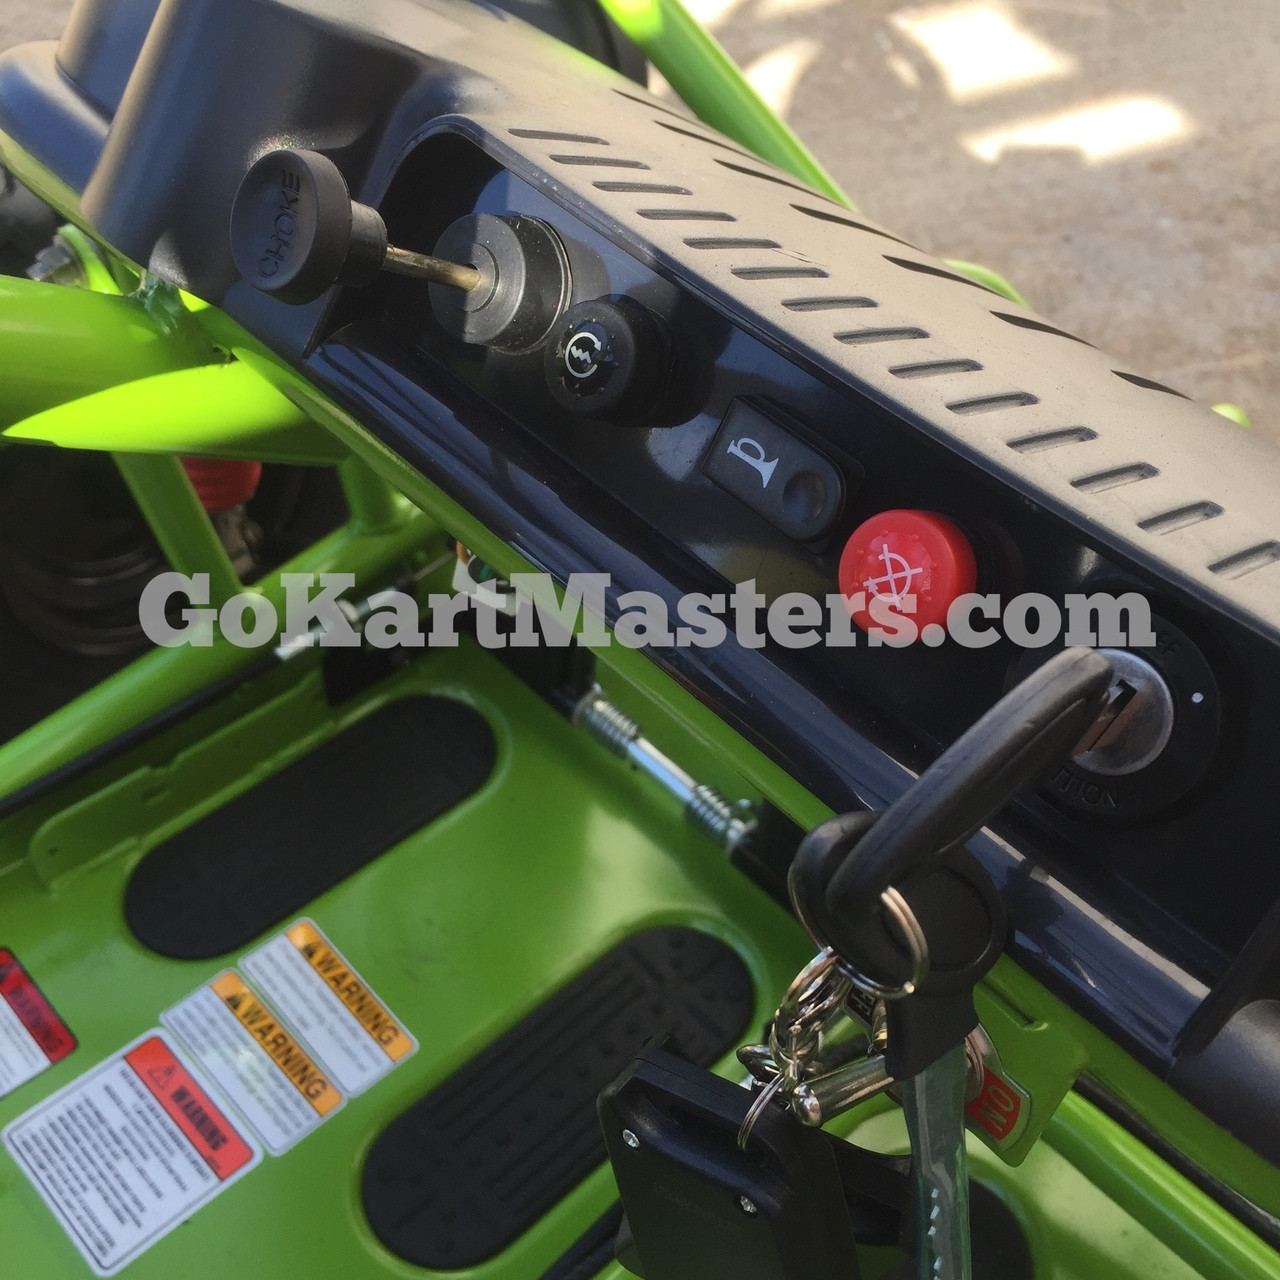 TrailMaster Mini XRX/R+ Go Kart - Dash